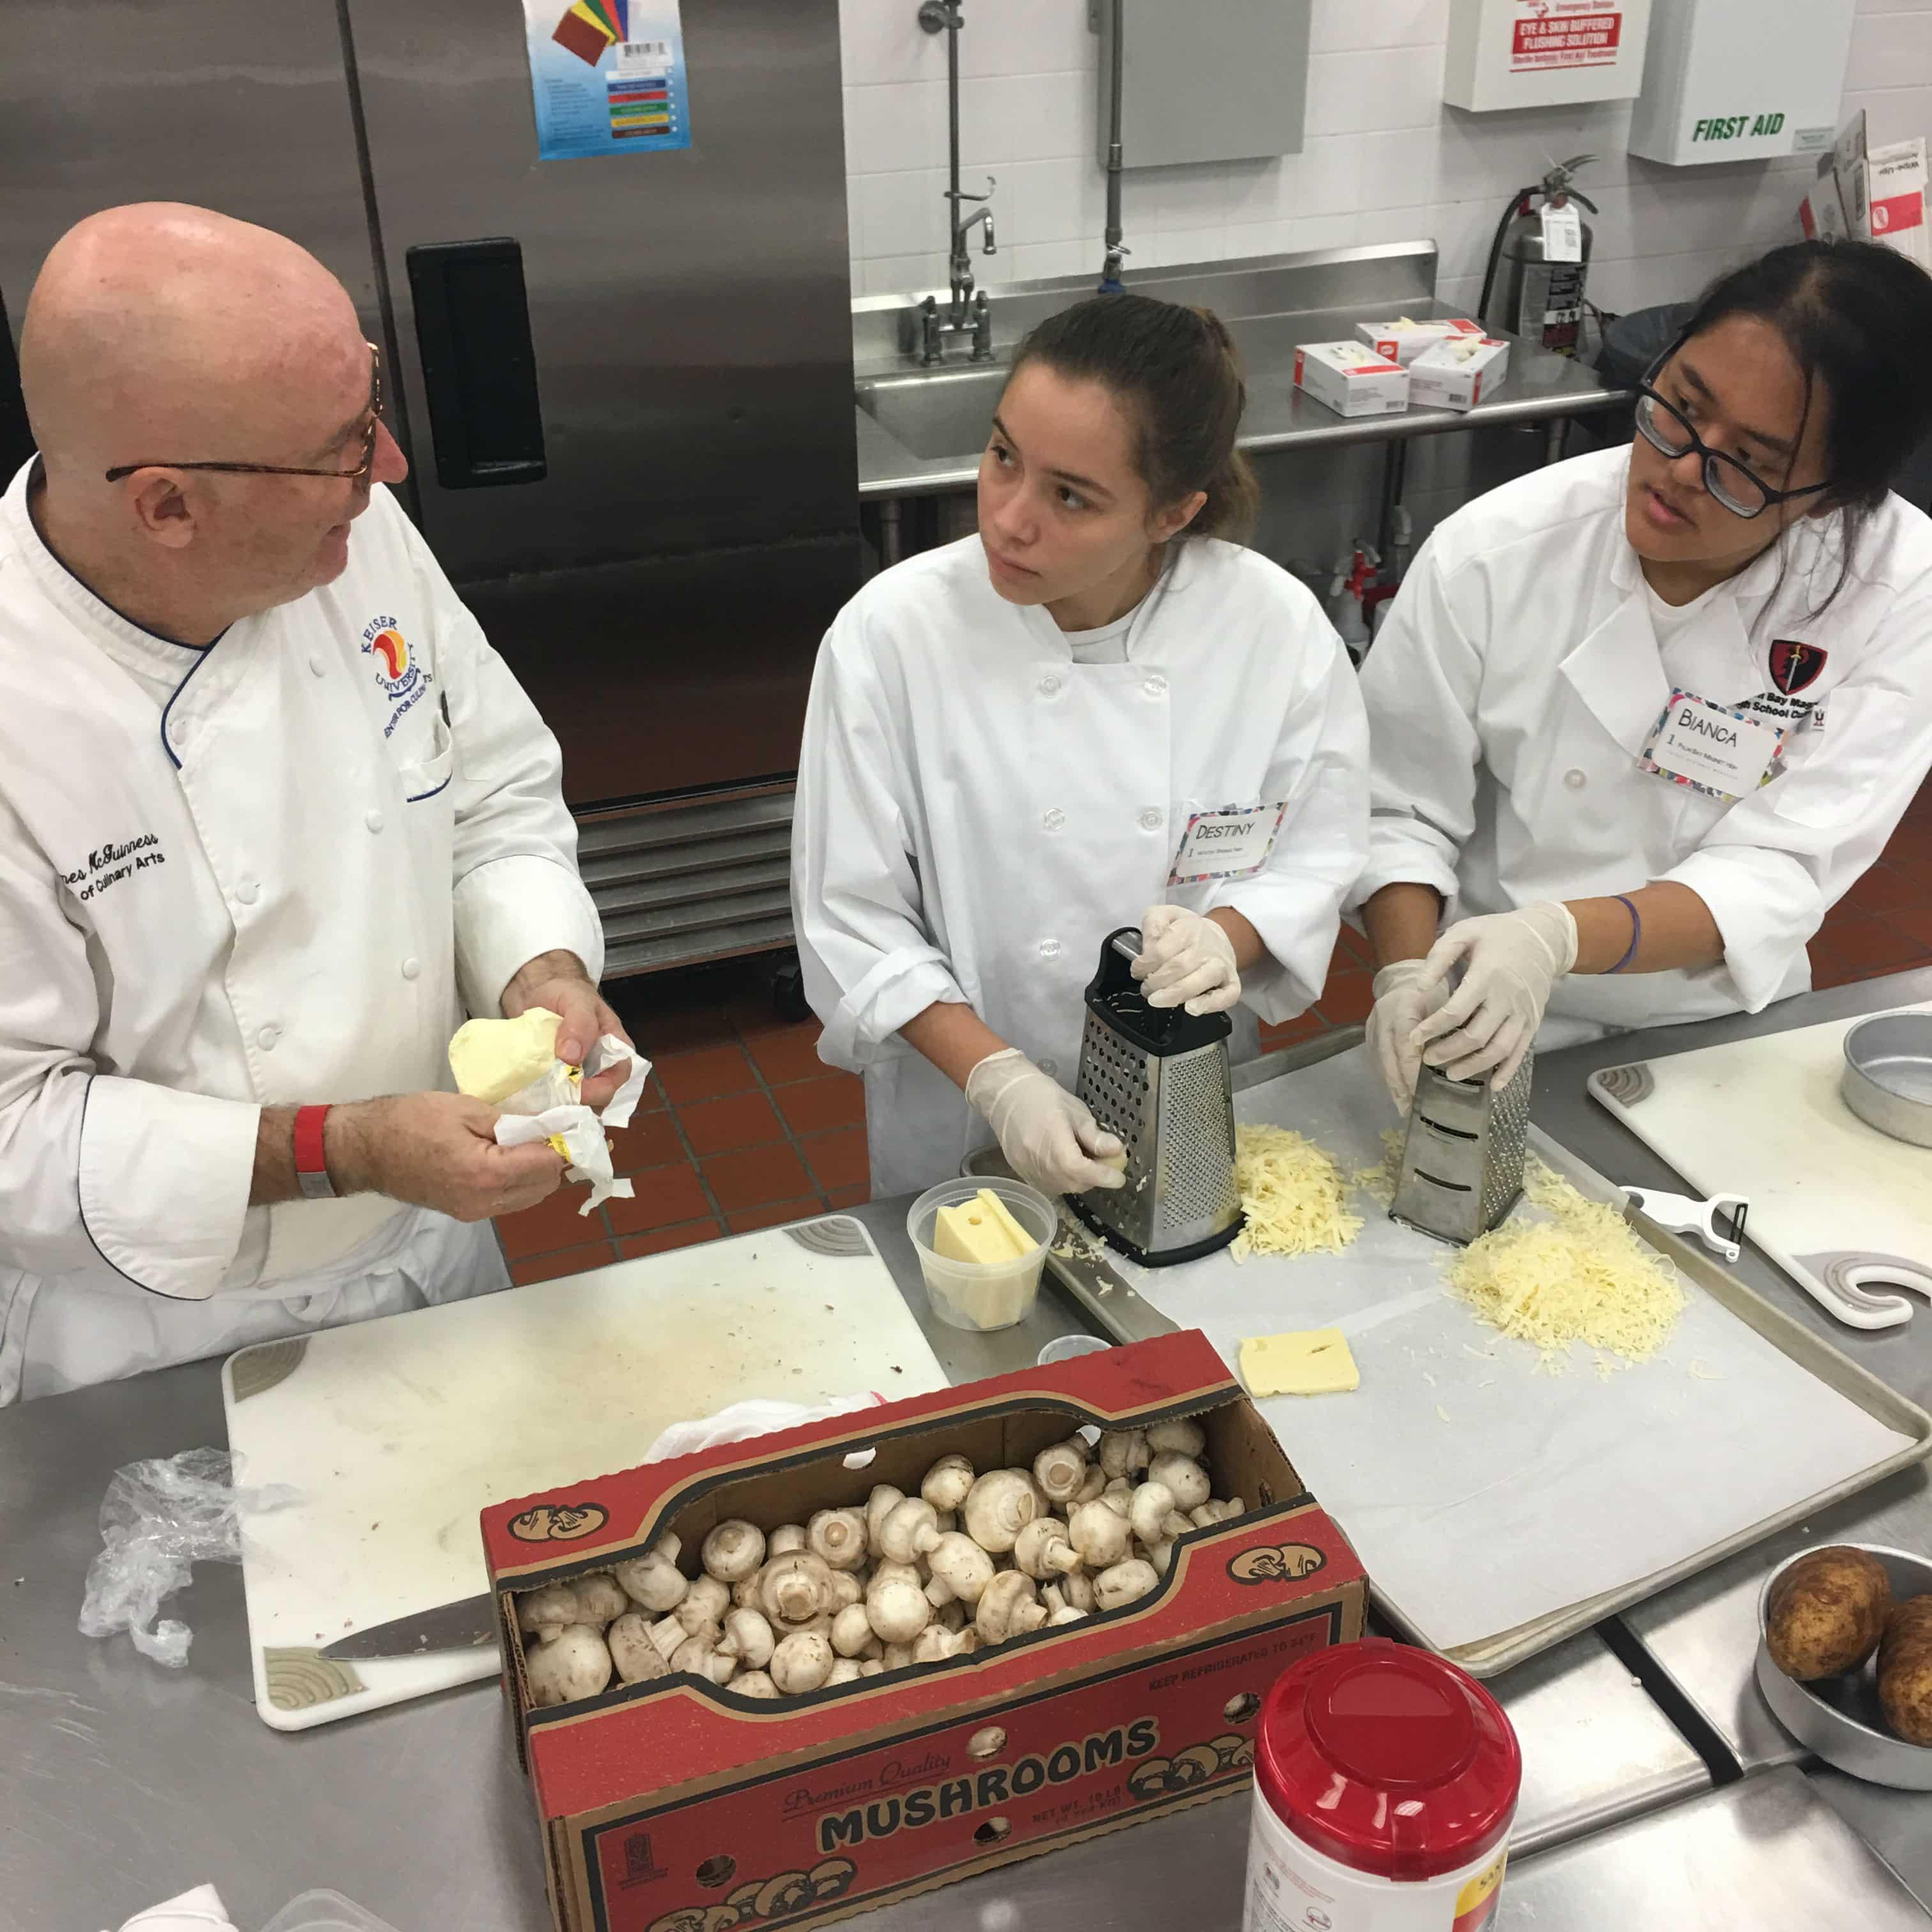 Melbourne Center for Culinary Arts Holds ProStart Regional Workshop